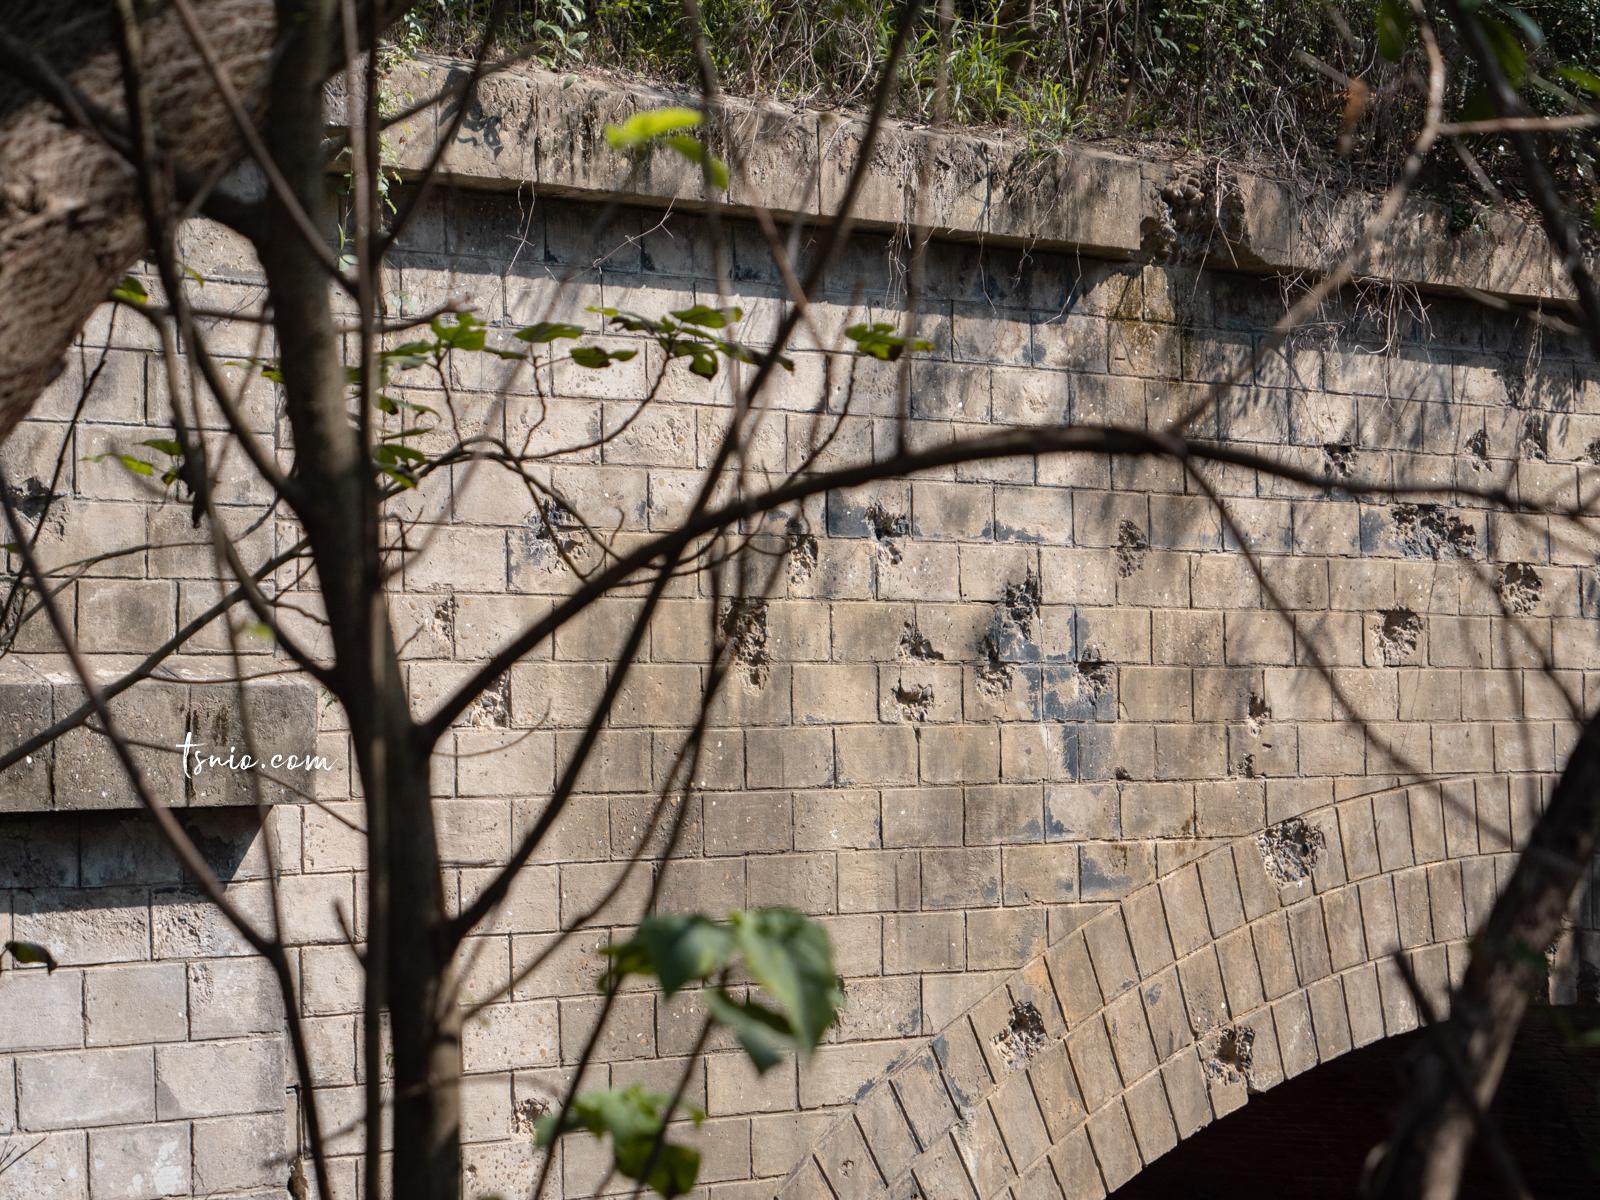 苗栗竹南一日遊 苗北藝文中心、龍鳳宮、龍鳳漁港、崎頂車站、崎頂子母隧道 專屬海線的浪漫